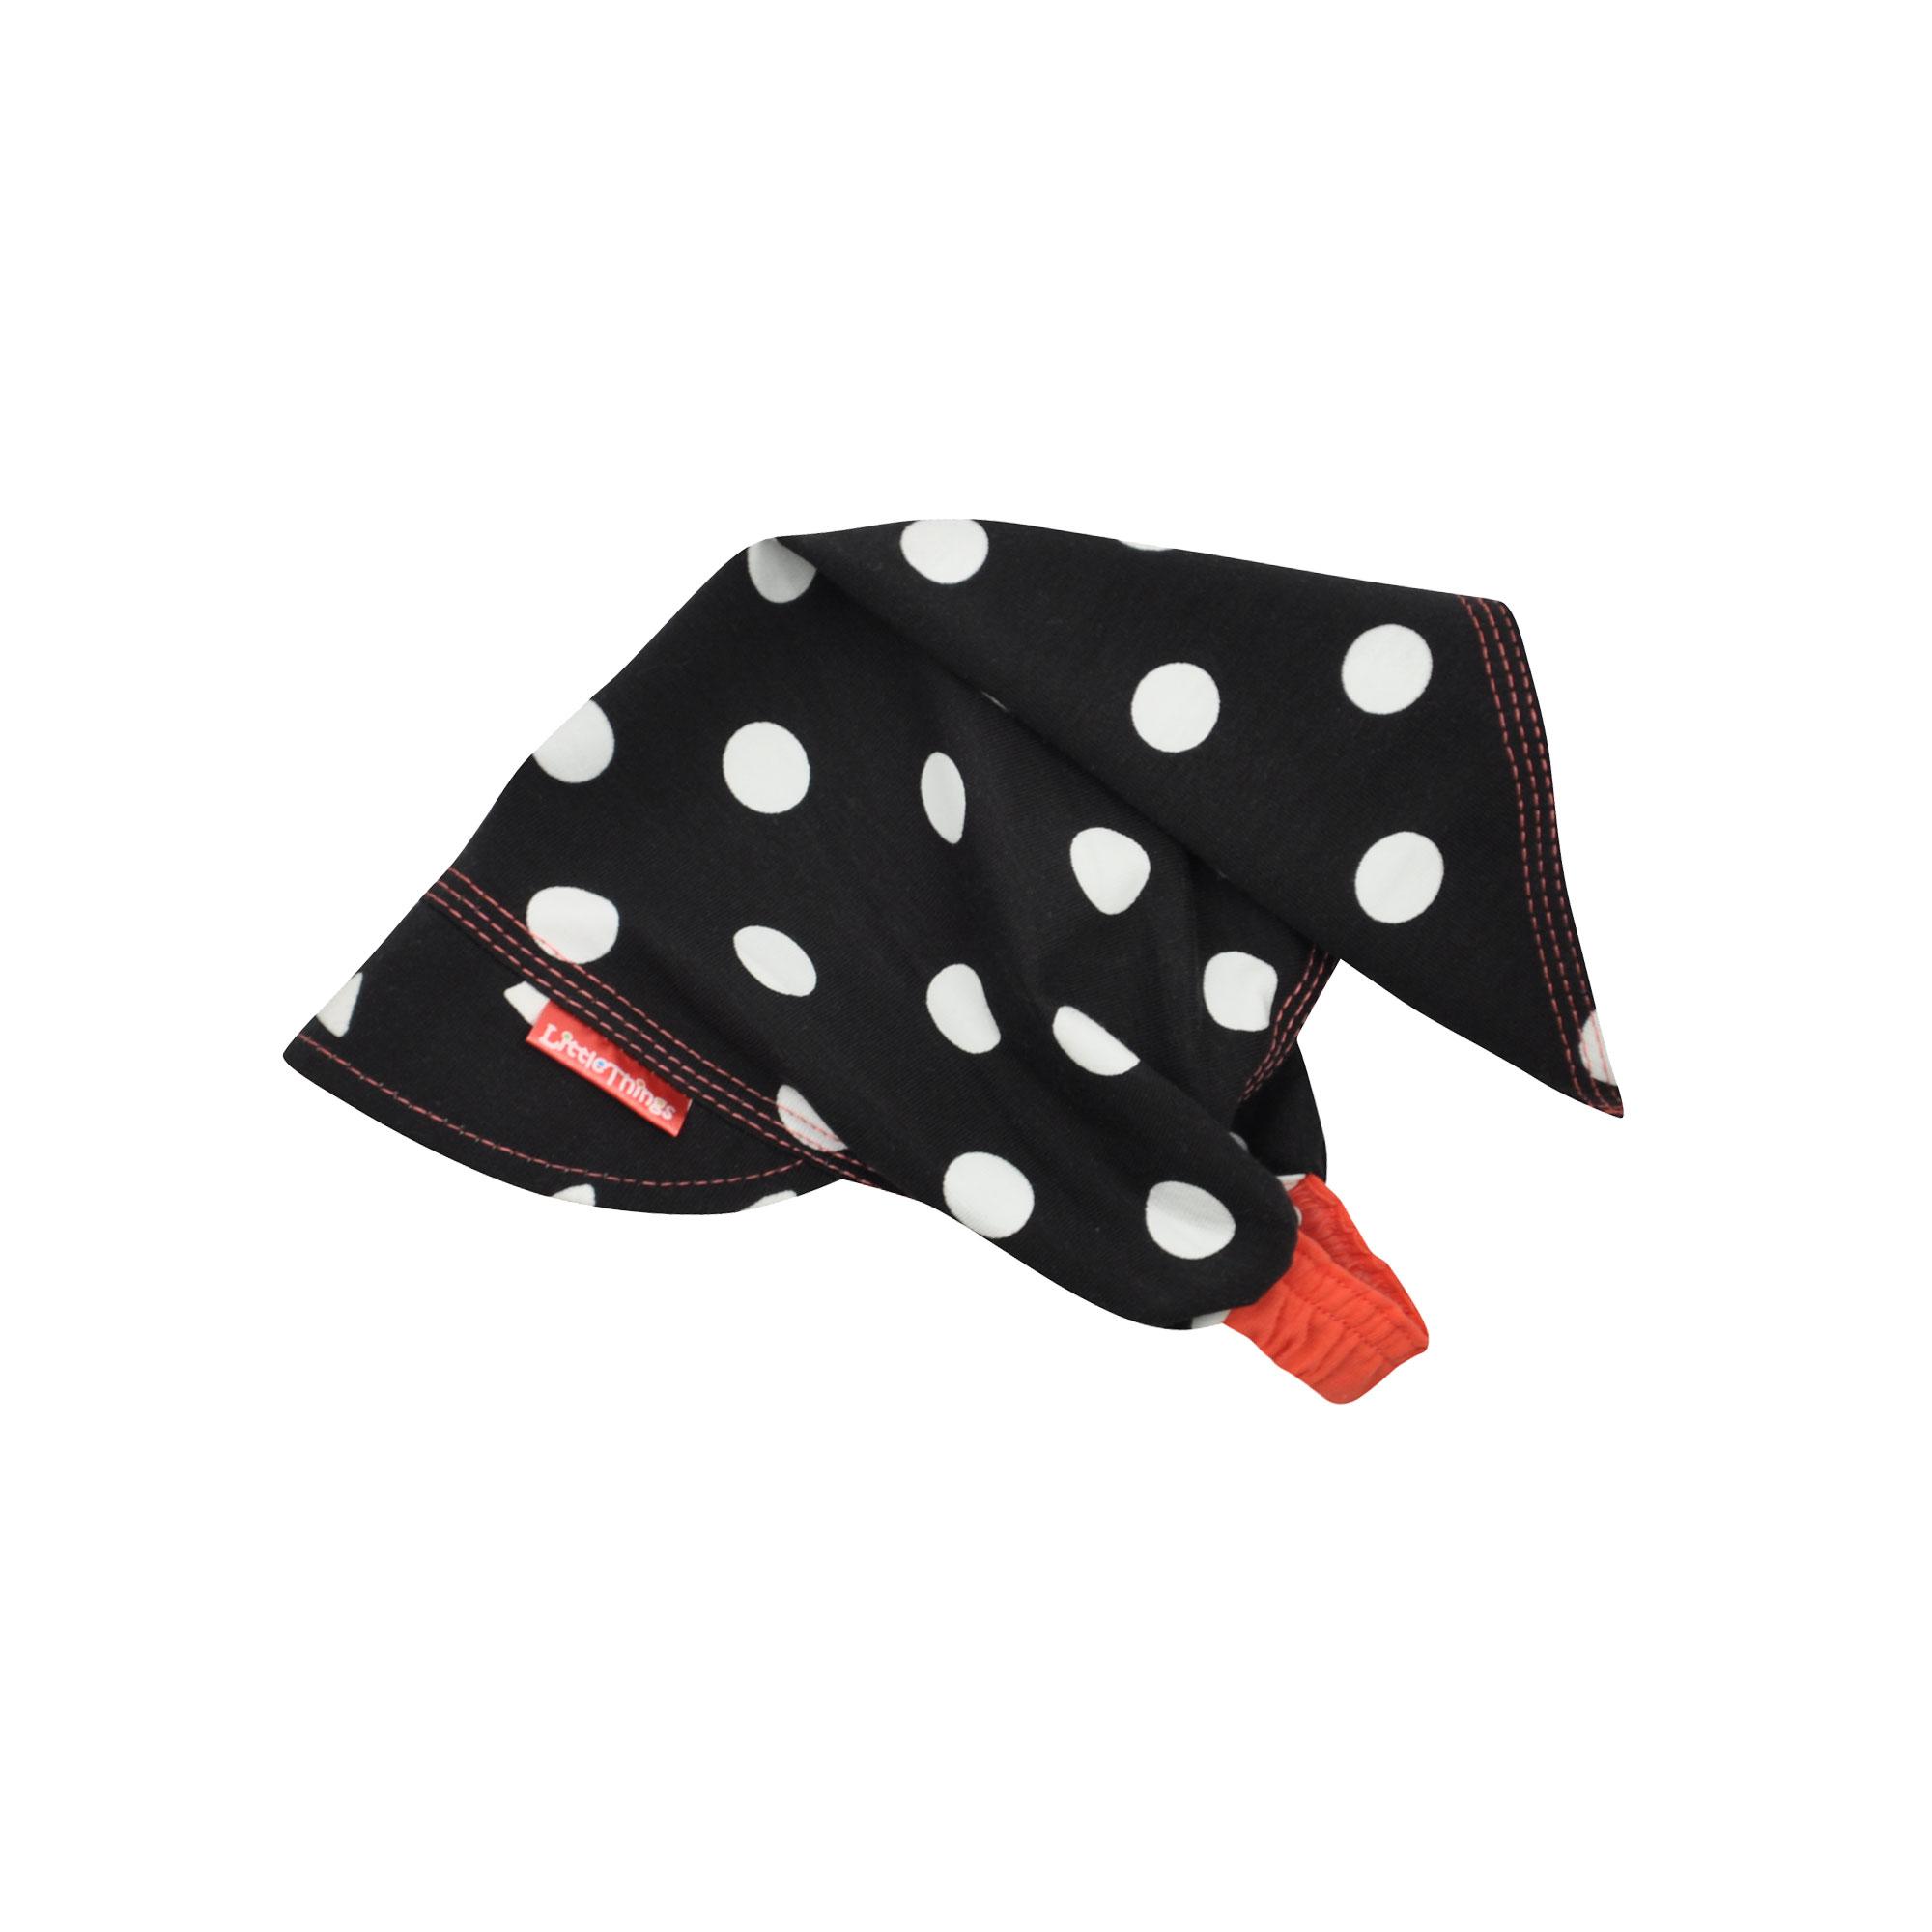 dívčí bavlněný šátek na hlavu s puntíky  f449c26ba8